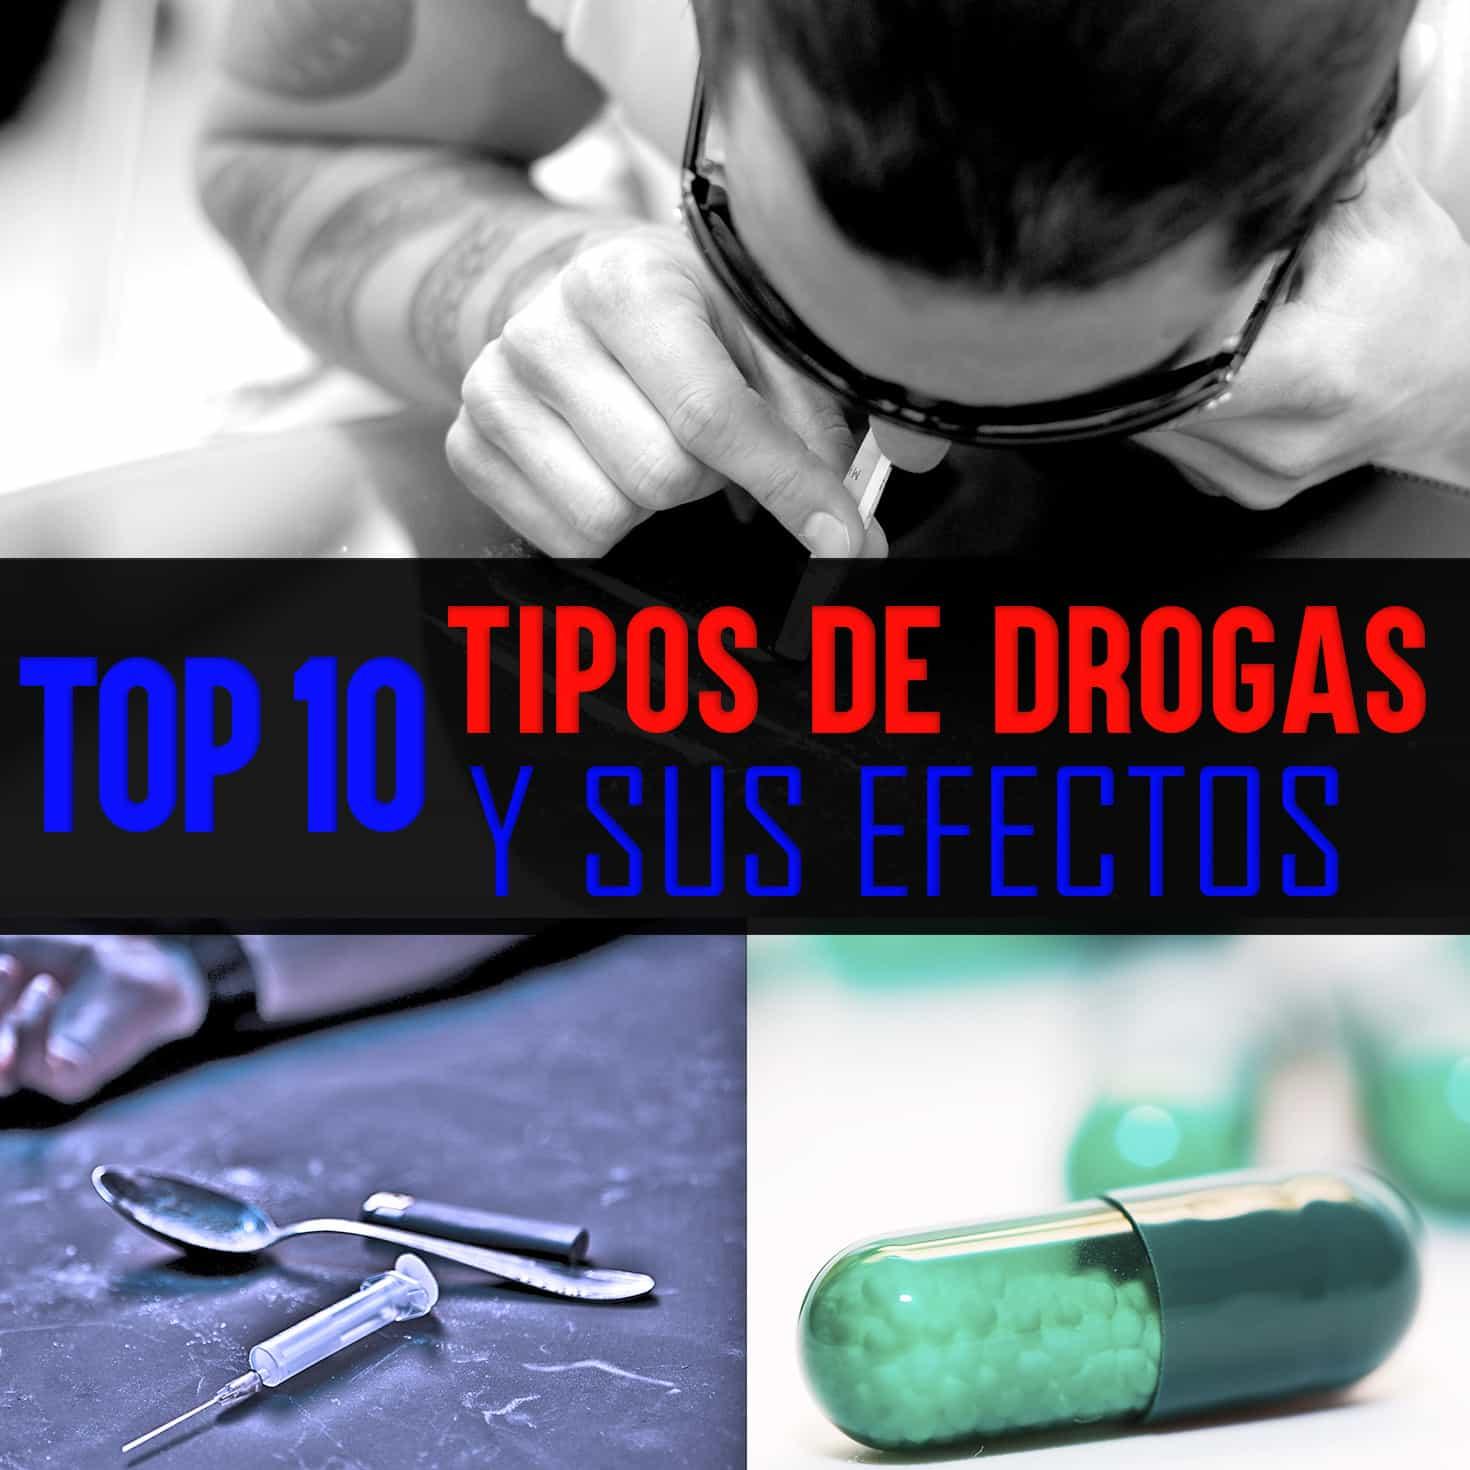 Los top 10 tipos de drogas más consumidas en el mundo y sus